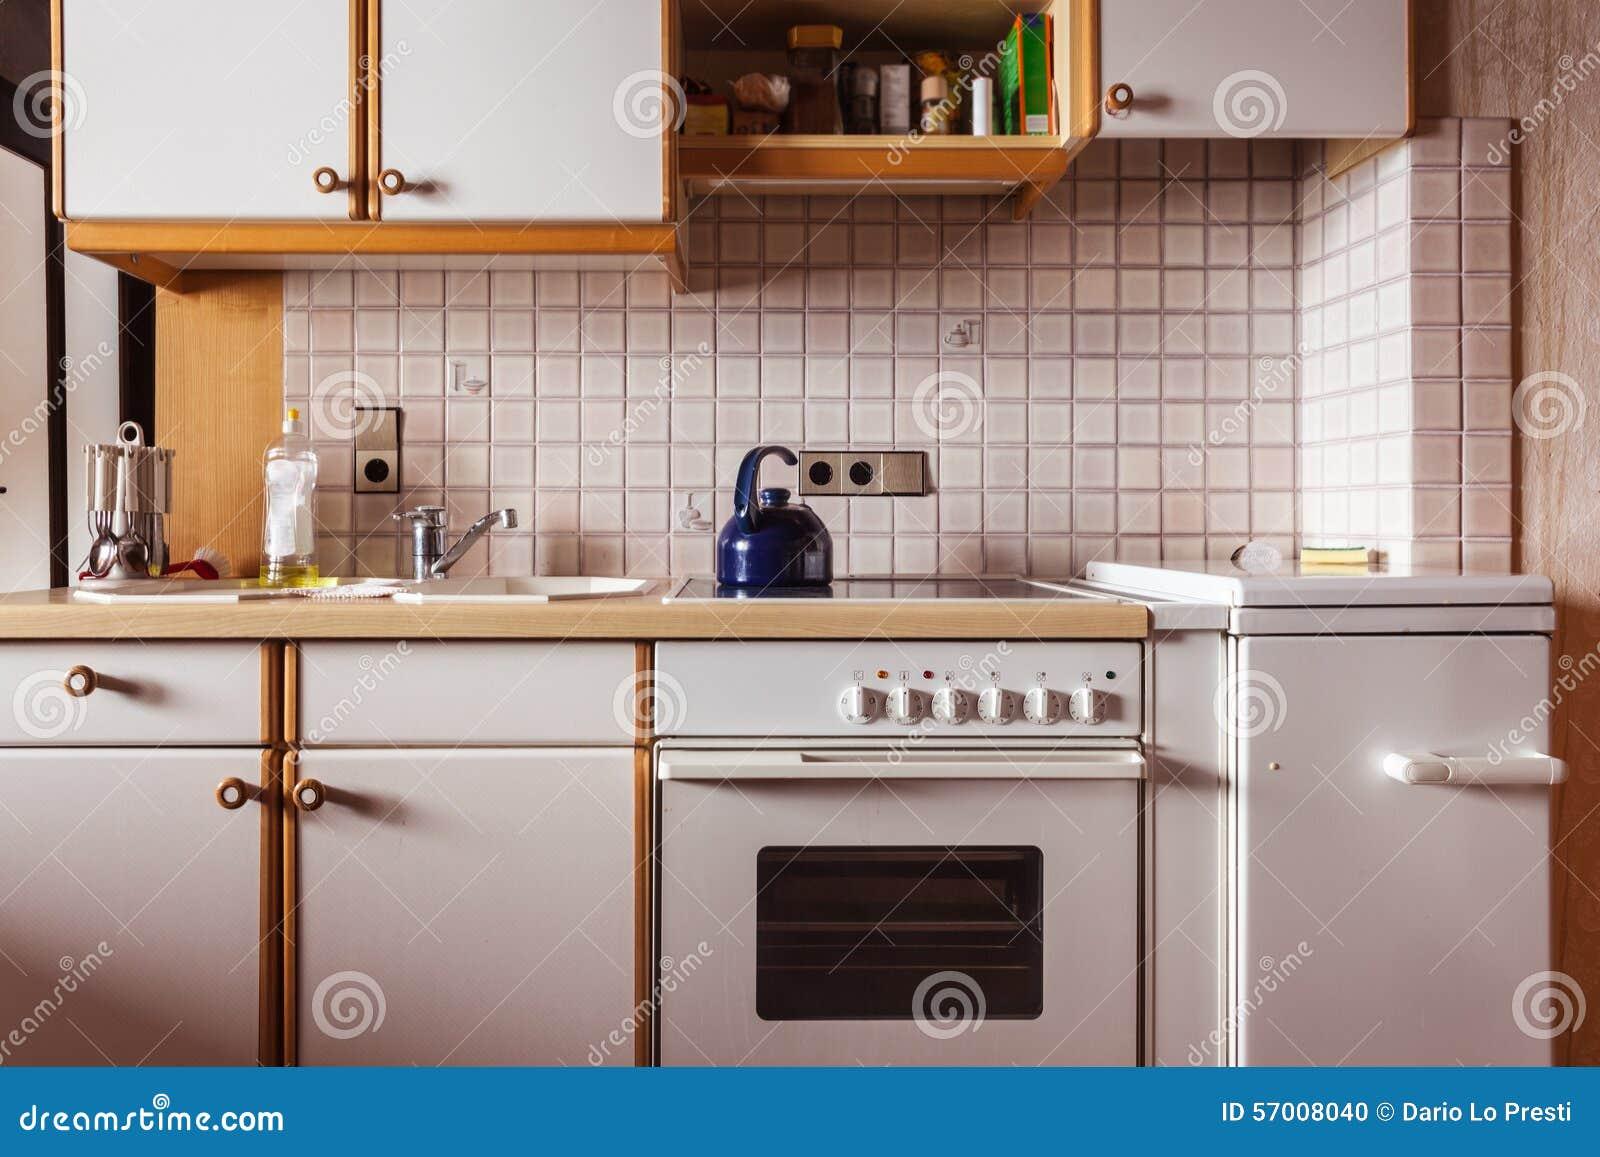 Kleine keuken stock foto afbeelding 57008040 - Keuken oud land ...